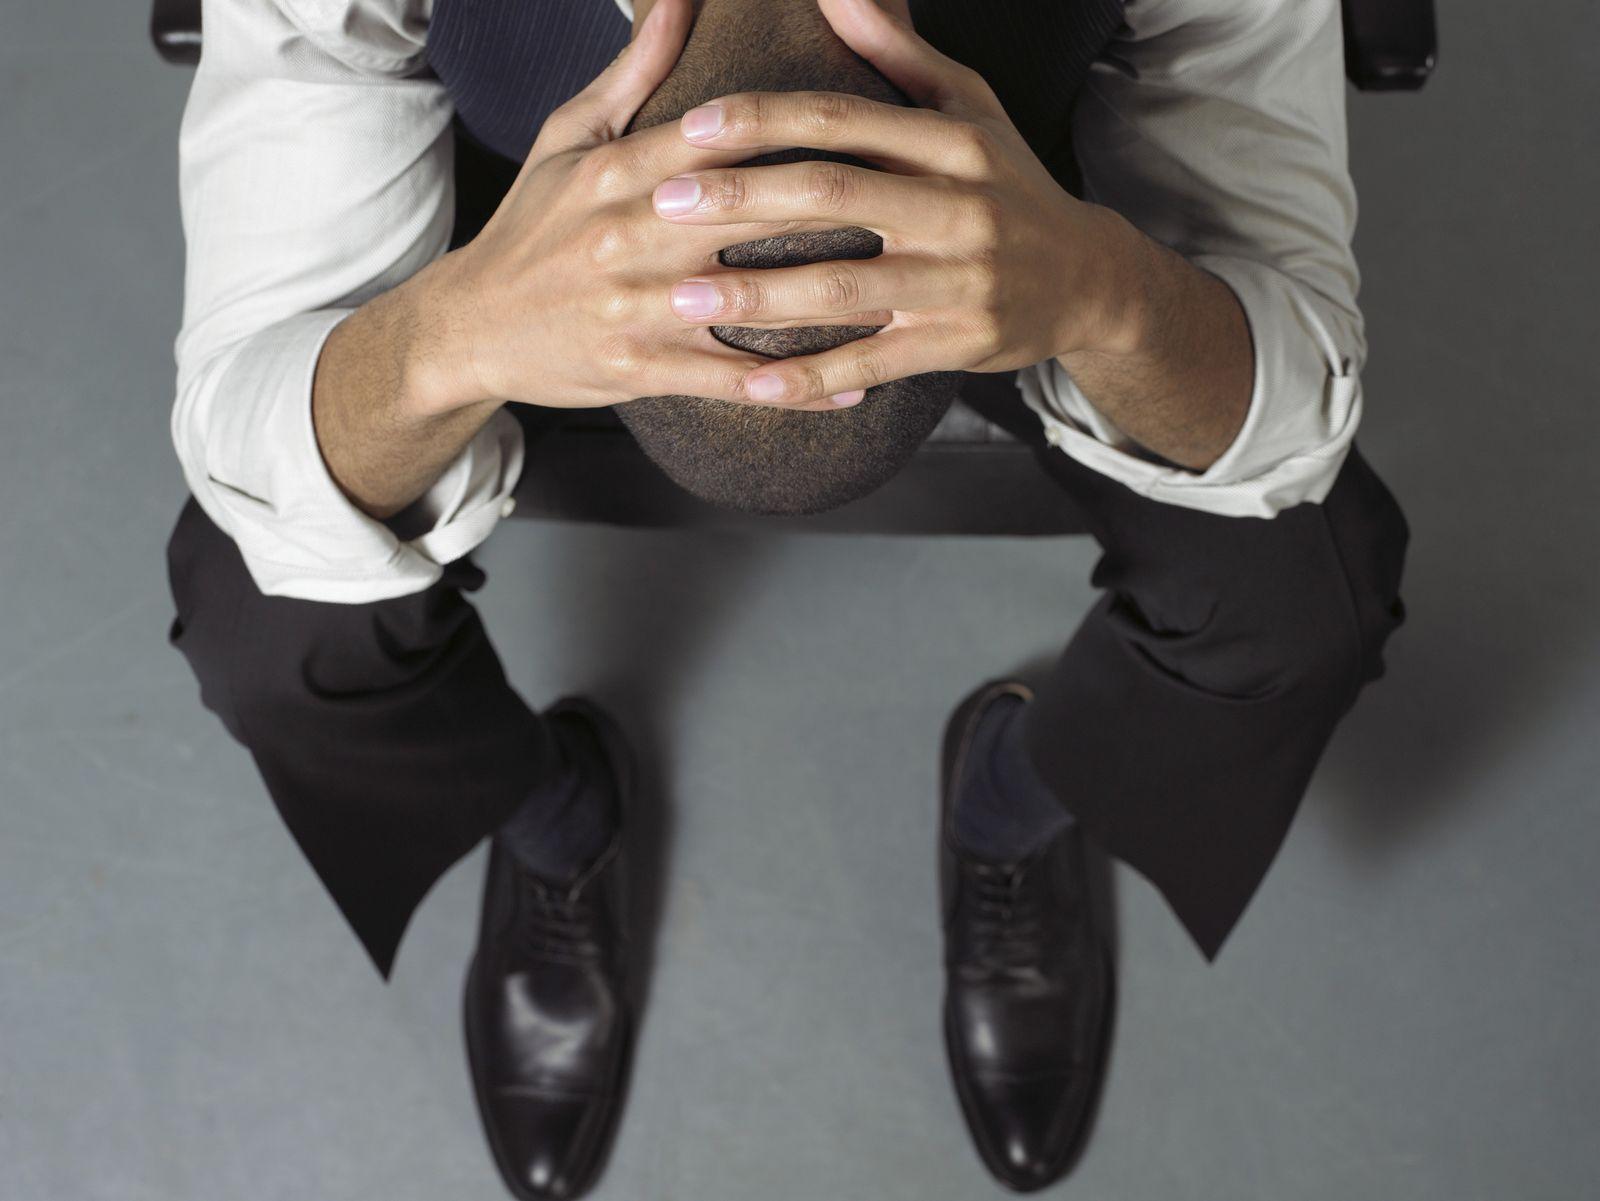 NICHT MEHR VERWENDEN! - EINMALIGE VERWENDUNG KaSP Depression Burnout SYMBOLBILD